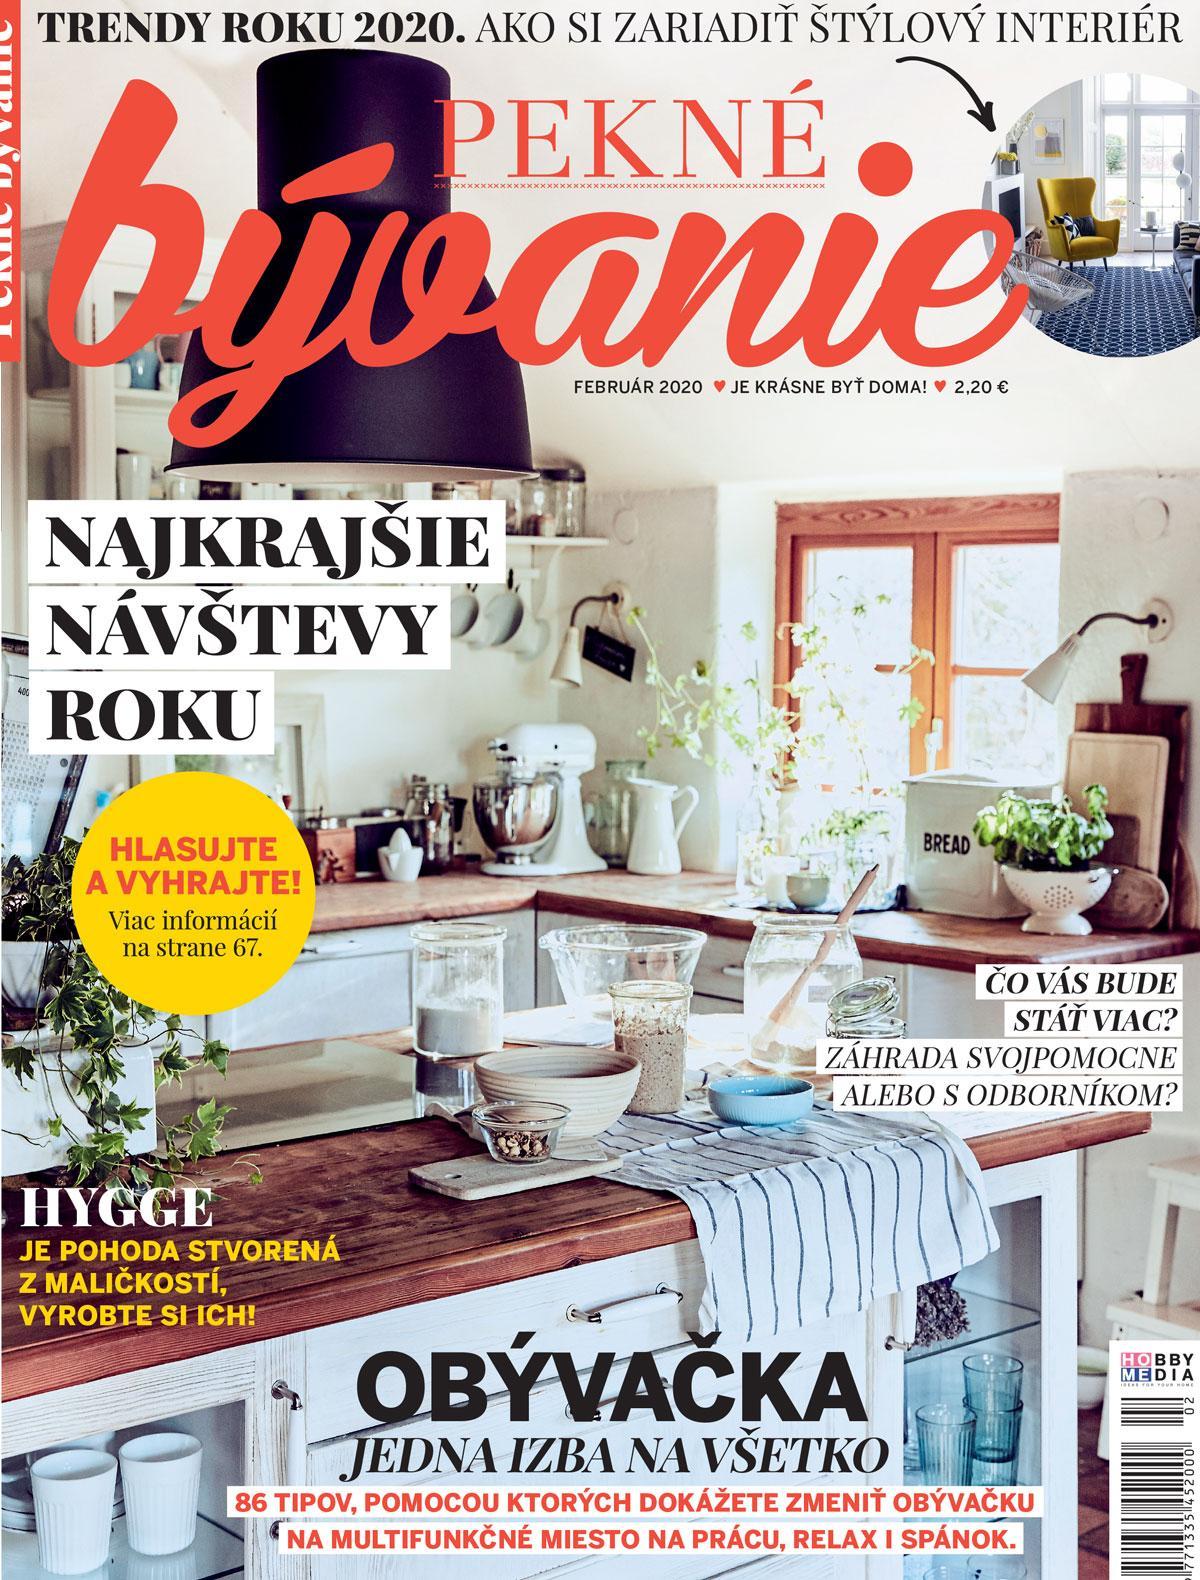 pekne_byvanie - Pekné bývanie február 2020